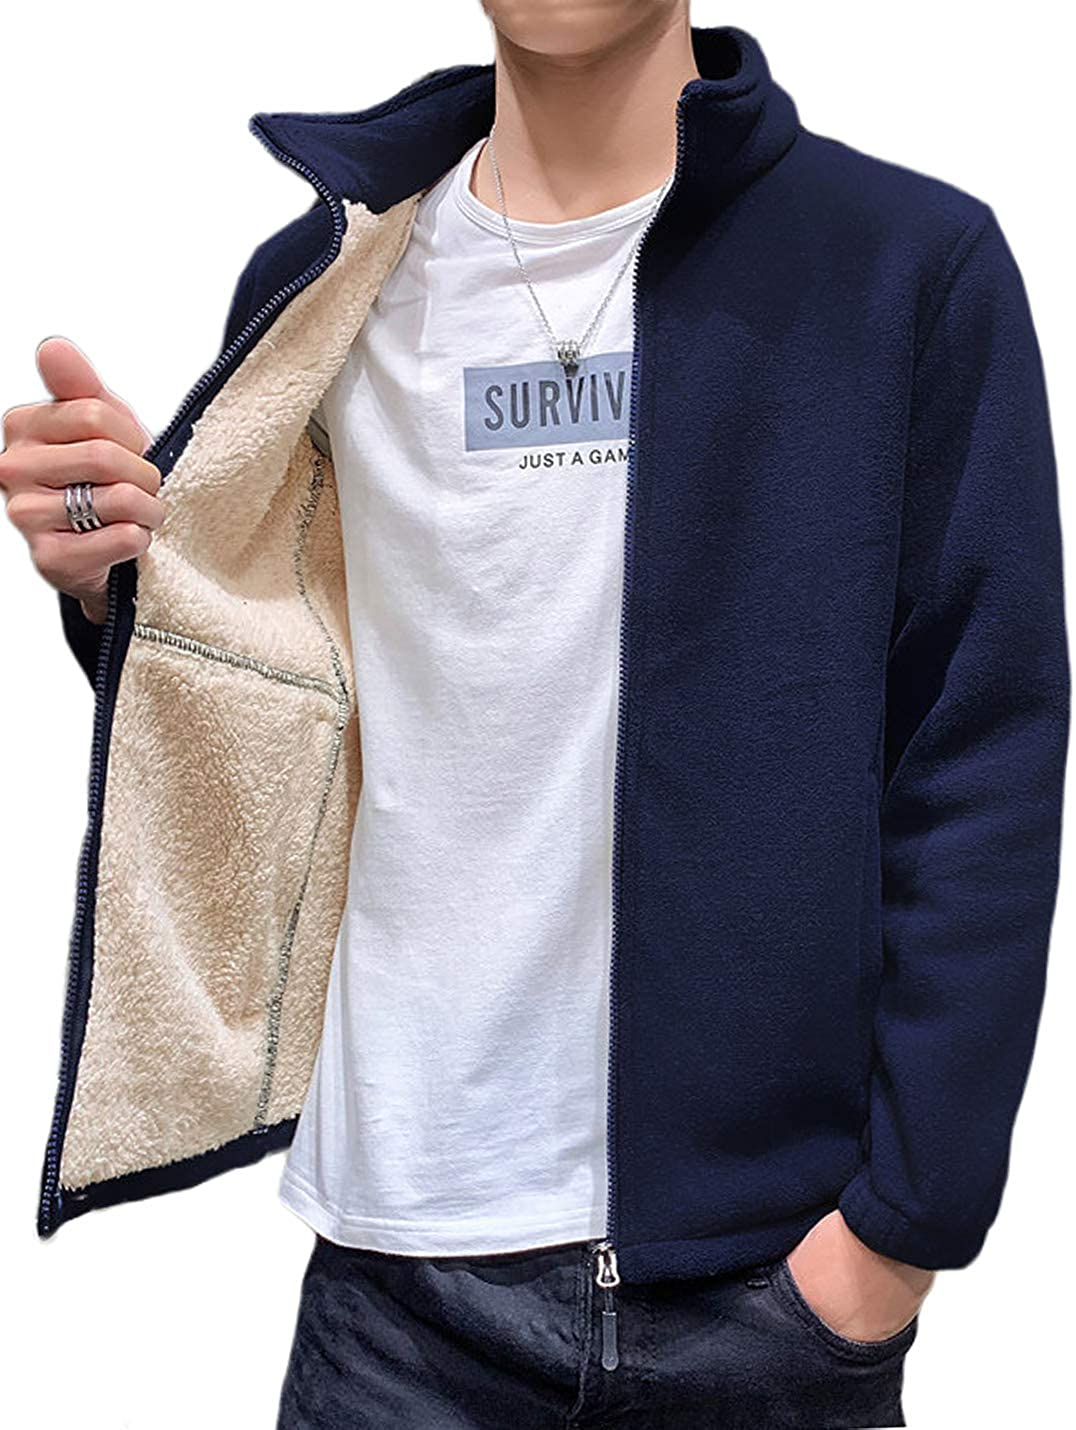 Omoone Mens Casual Zip Up Stand Collar Polar Fleece Lined Sweatshirt Jacket Coat